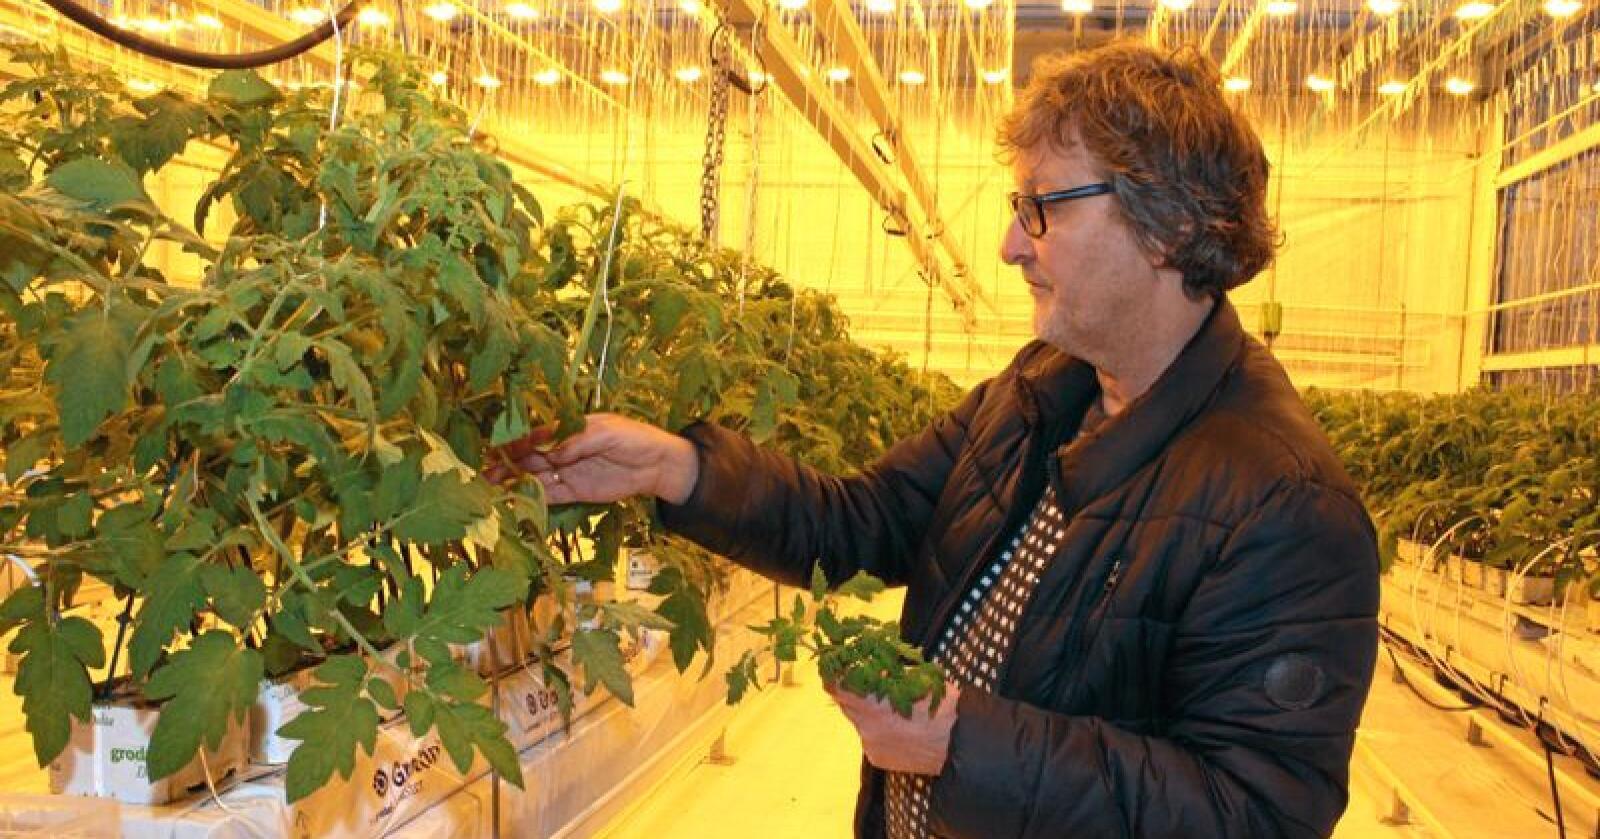 Klimavenleg: Tomatar dyrka i norske veksthus med lys er meir klimavenlege enn tomatar importert frå Nederland eller Spania, ifølgje forskar i Norsk institutt for bioøkonomi (Nibio), Michel Verheul. Her frå dyrking av tomatar i det nye veksthuset til Nibio i Klepp på Jæren. Foto: Bjarne Bekkeheien Aase